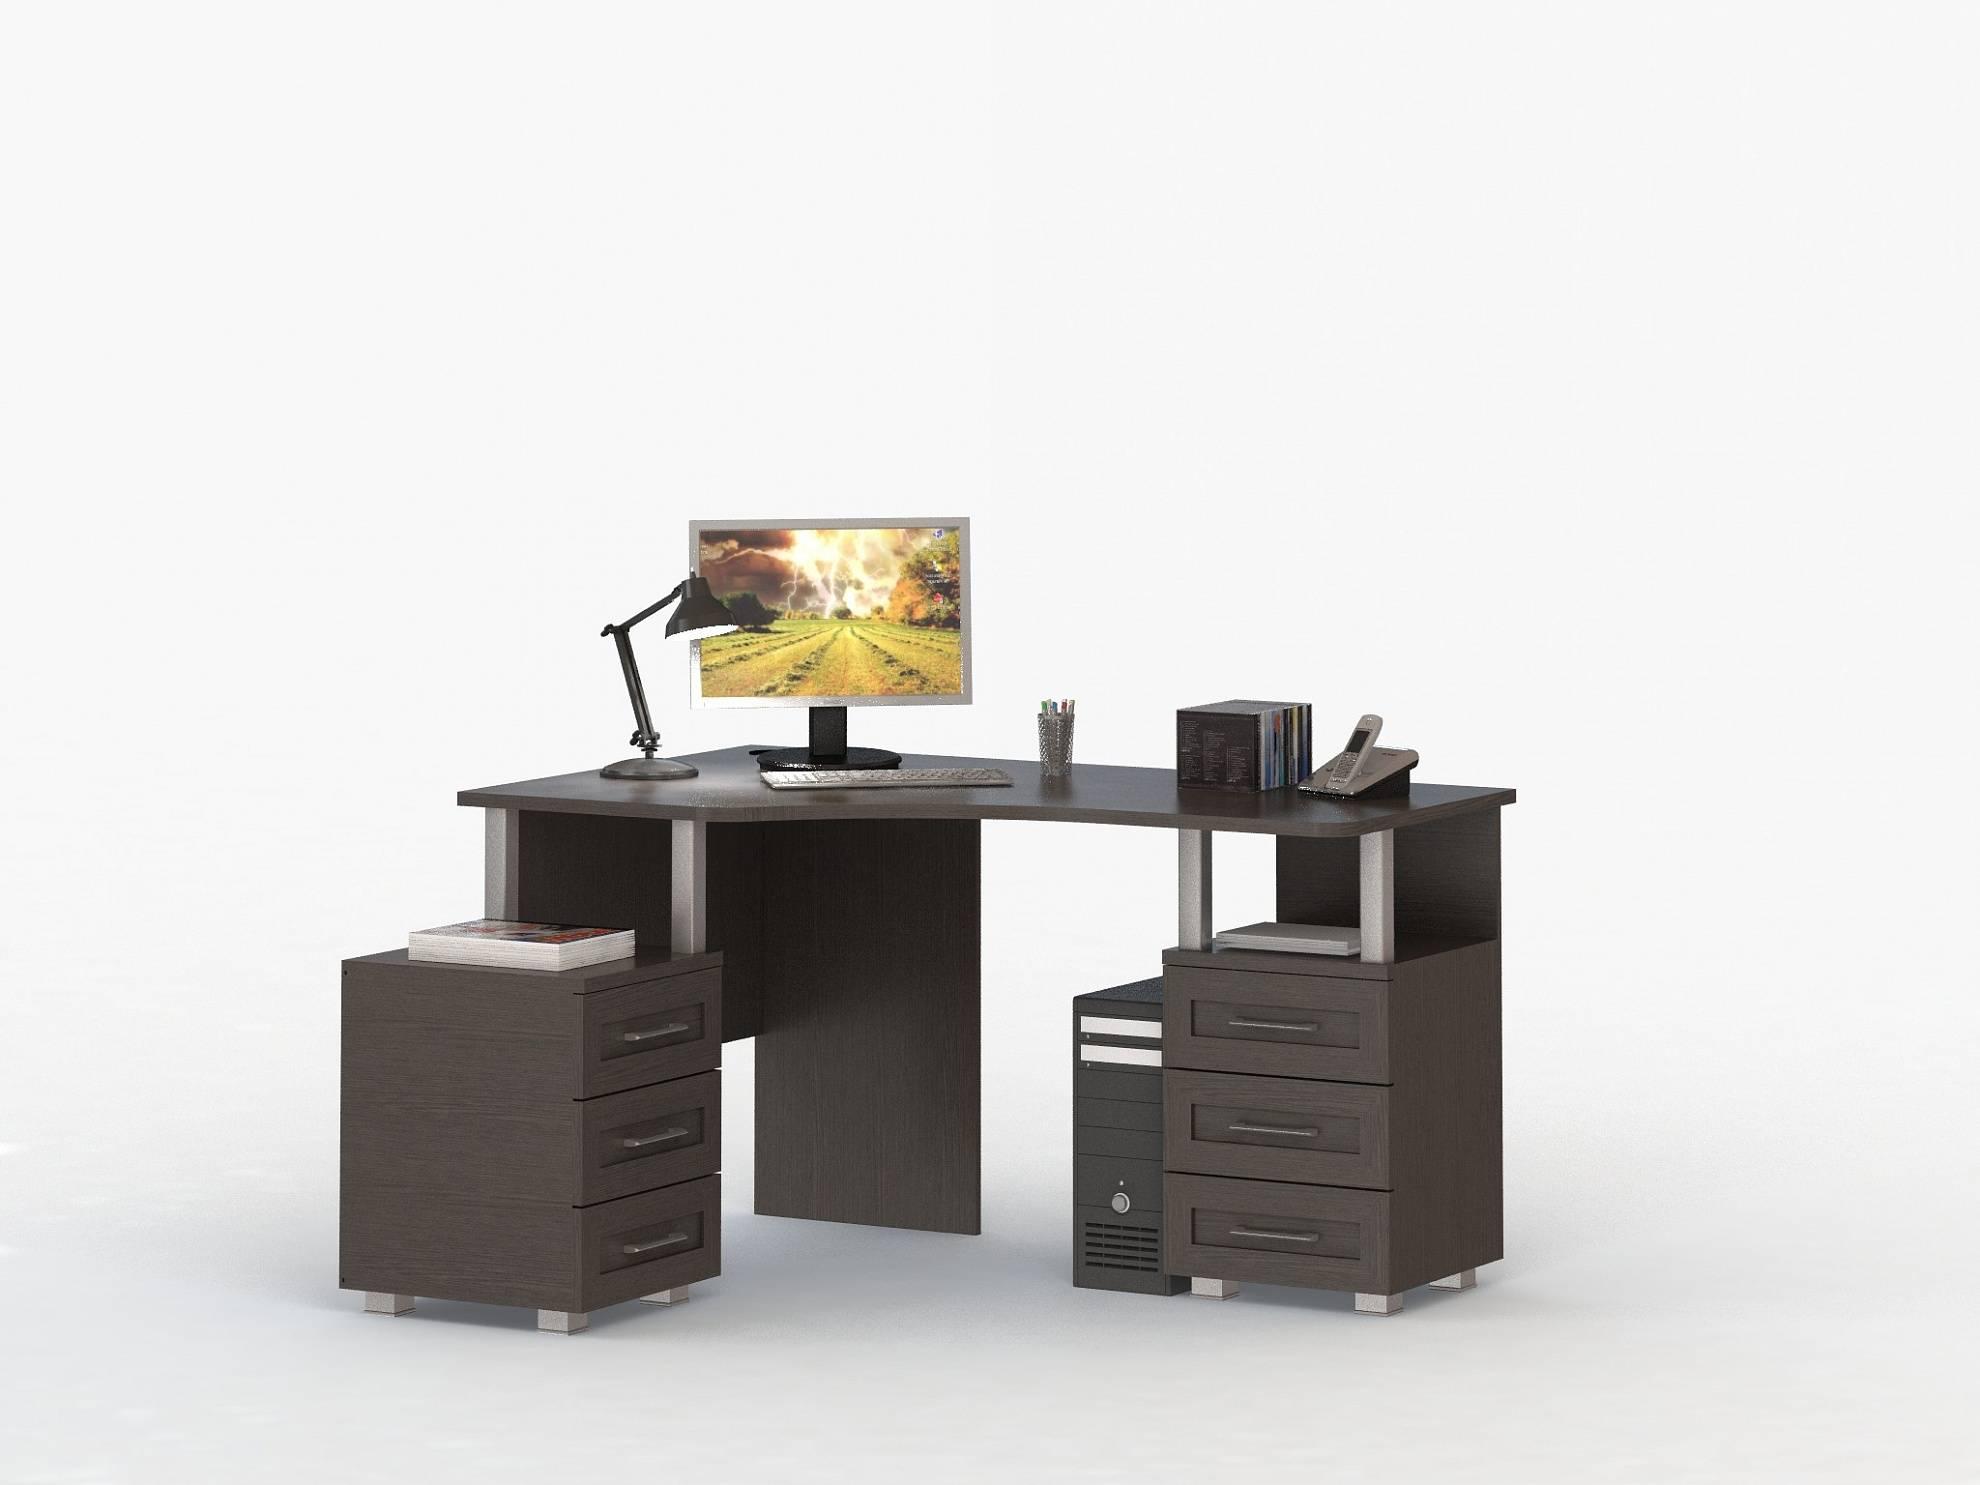 Стол компьютерный угловой соло-025, модульная мебель от фабр.